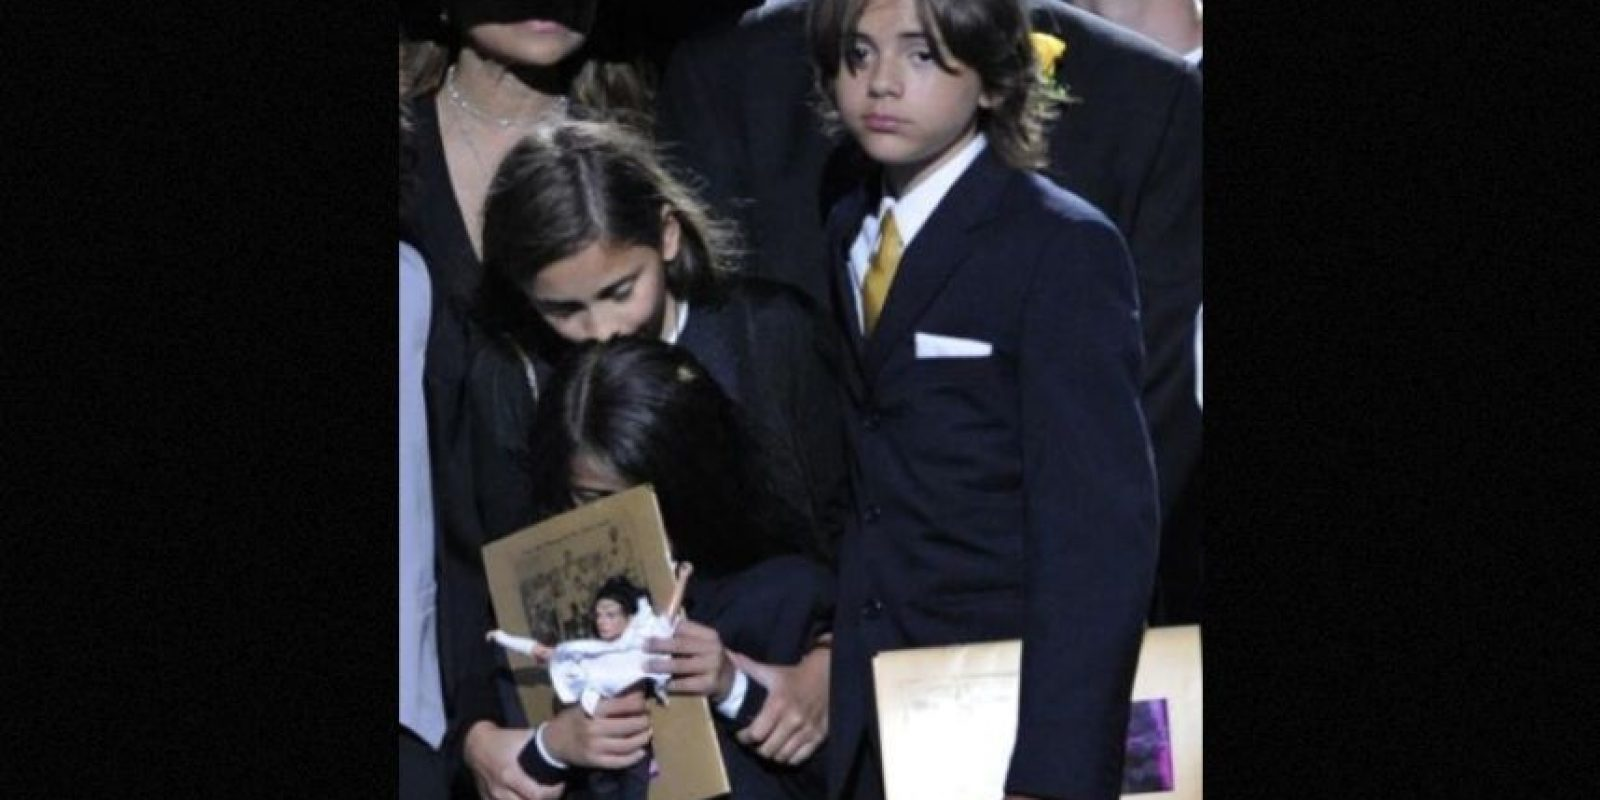 El mundo conoció sus rostros en el funeral de su padre. Foto:Getty Images